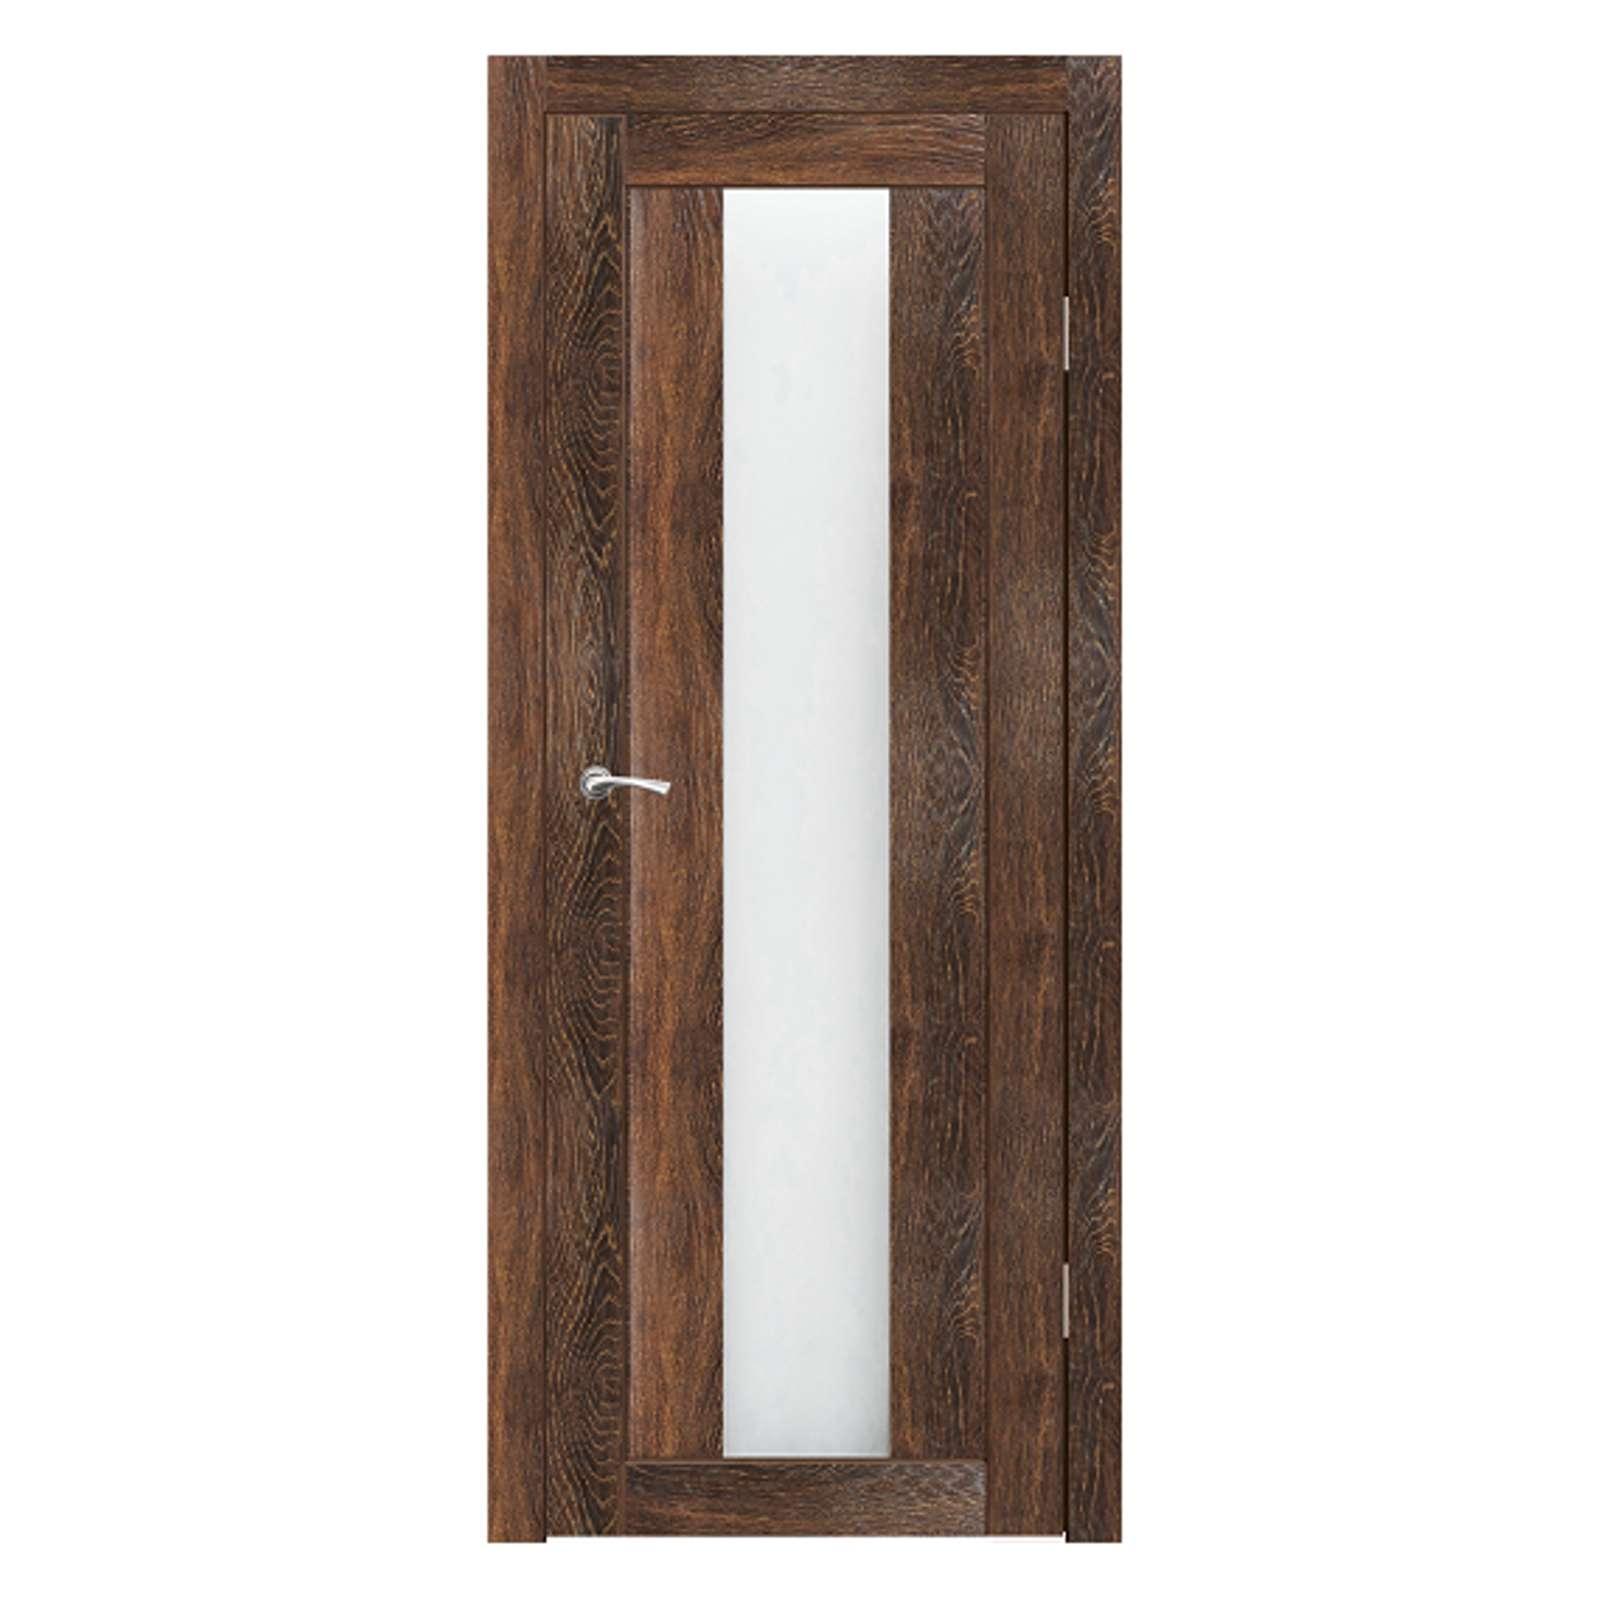 Дверное полотно Синержи Капелла, Виски, ПДО 800Х2000ММ